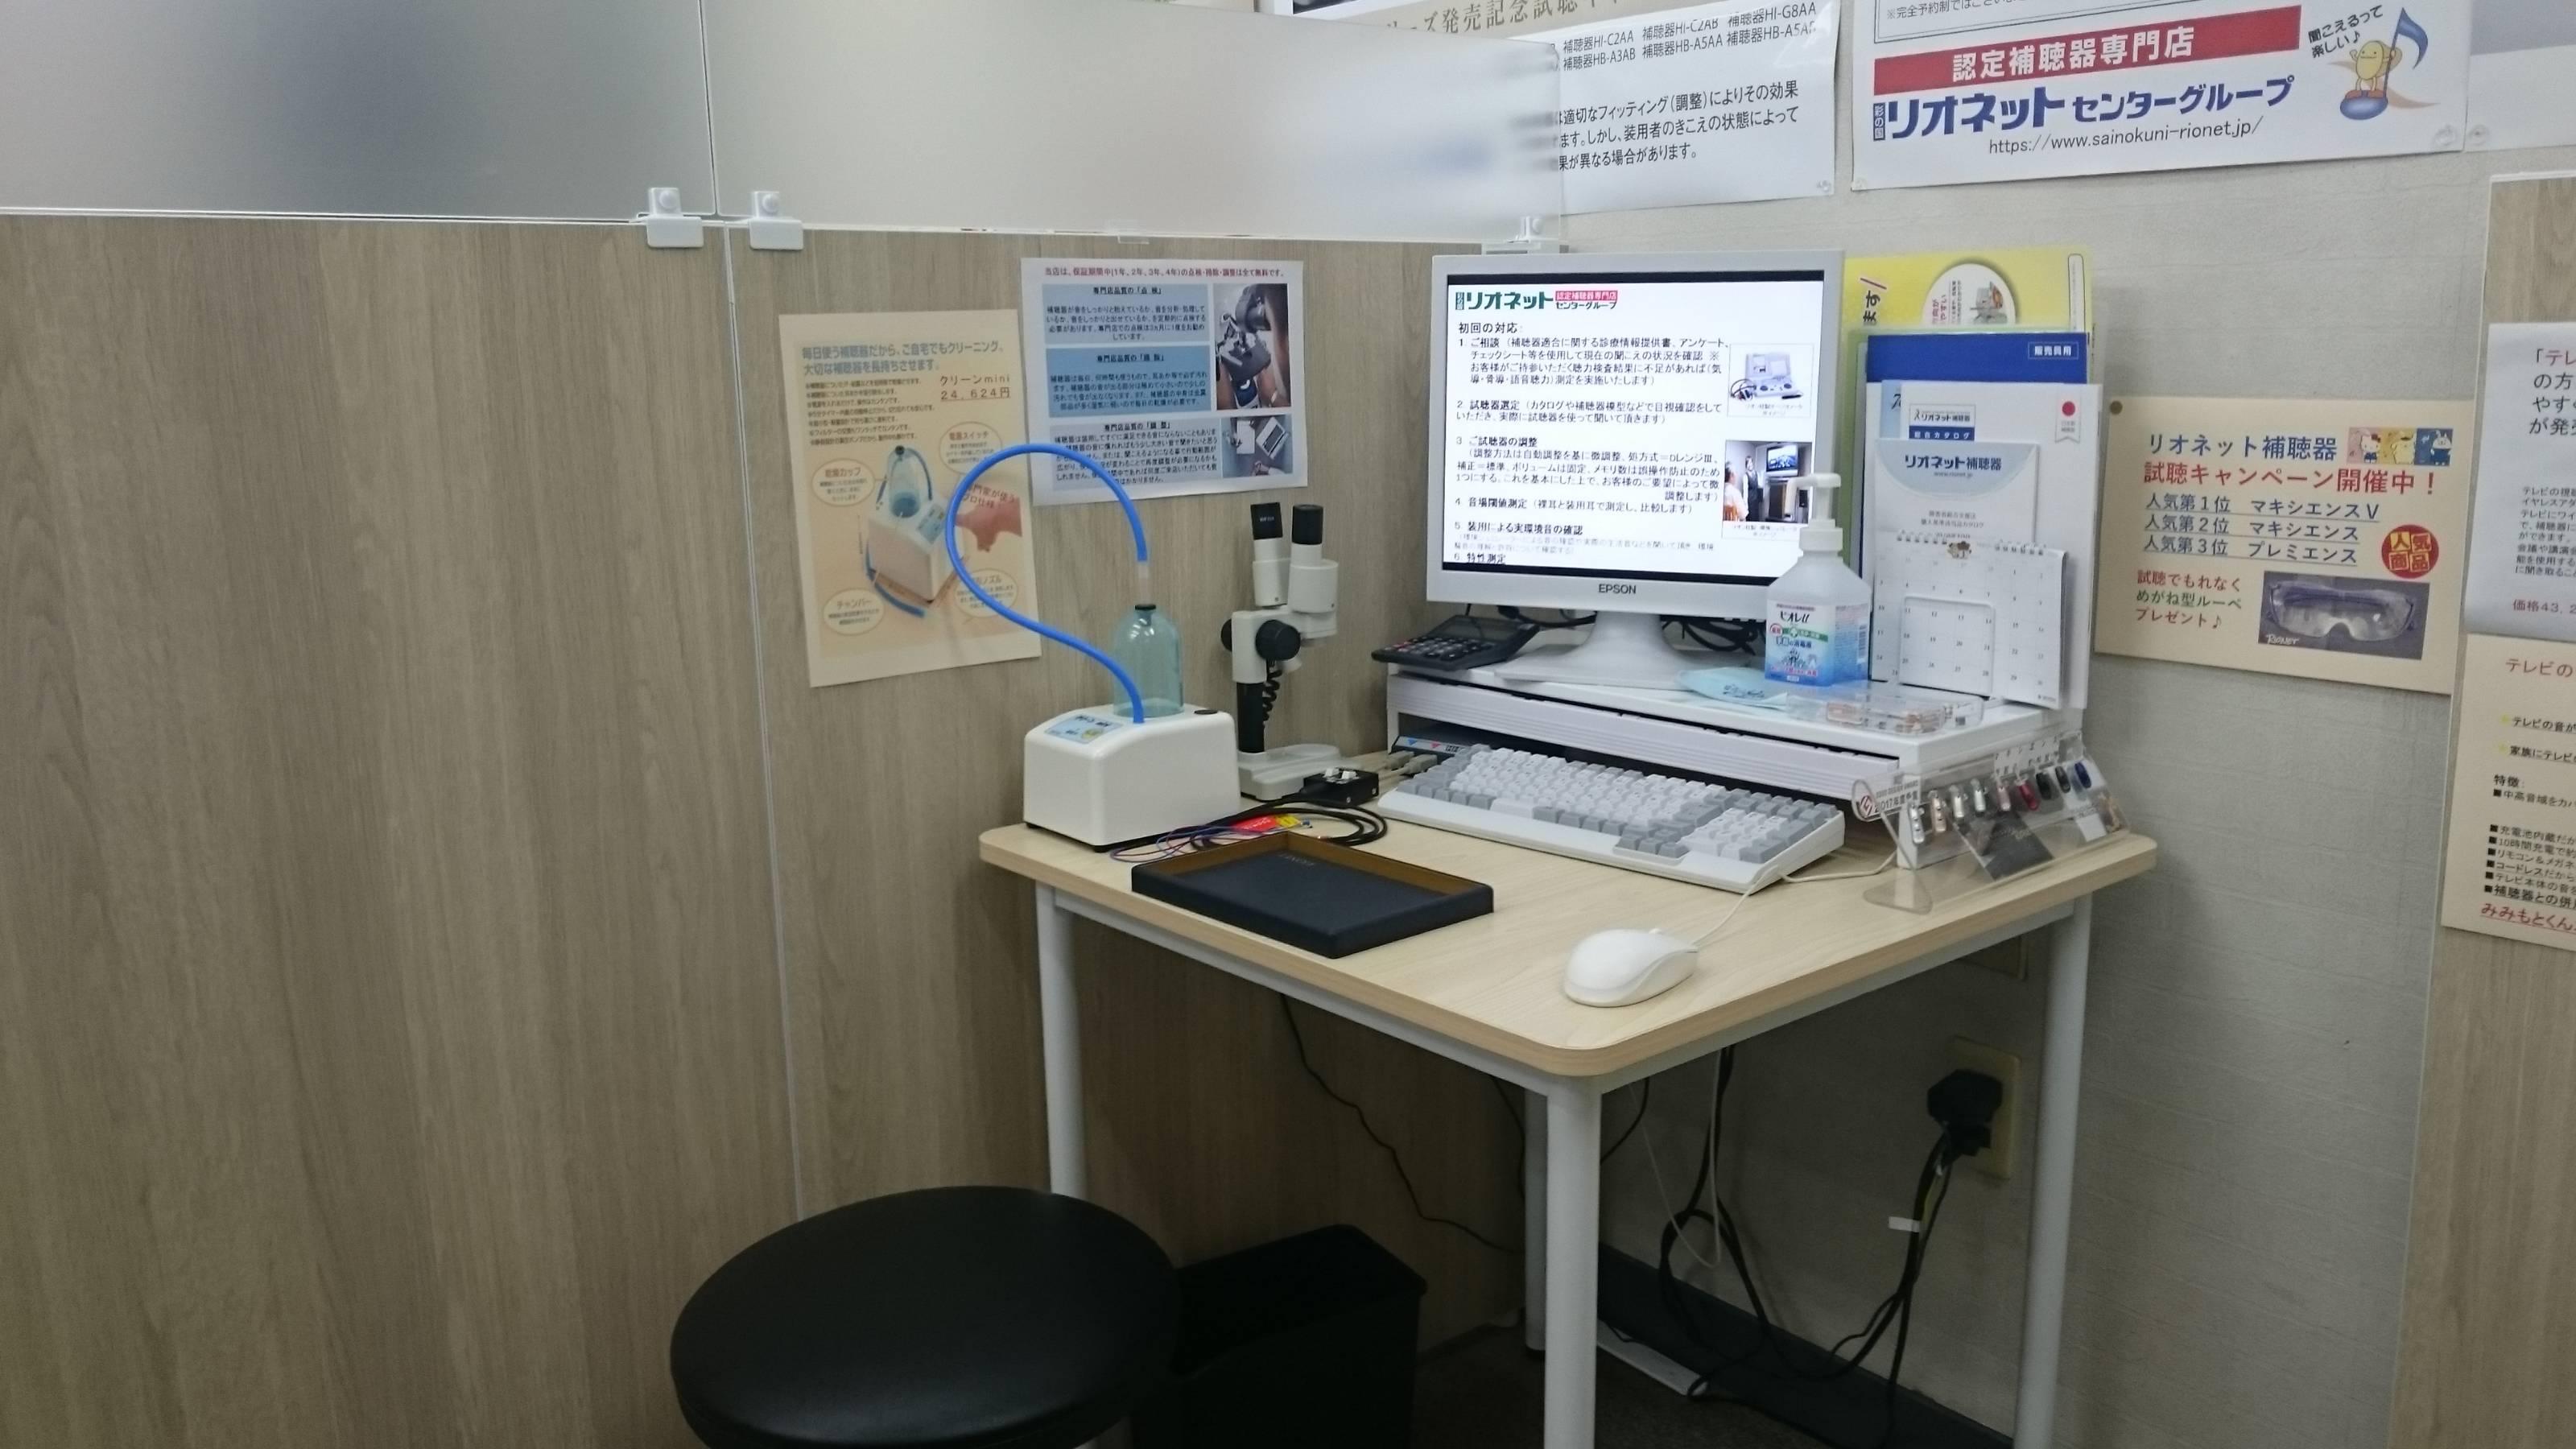 株式会社岡野電気(認定補聴器専門店リオネットセンターグループ運営企業)